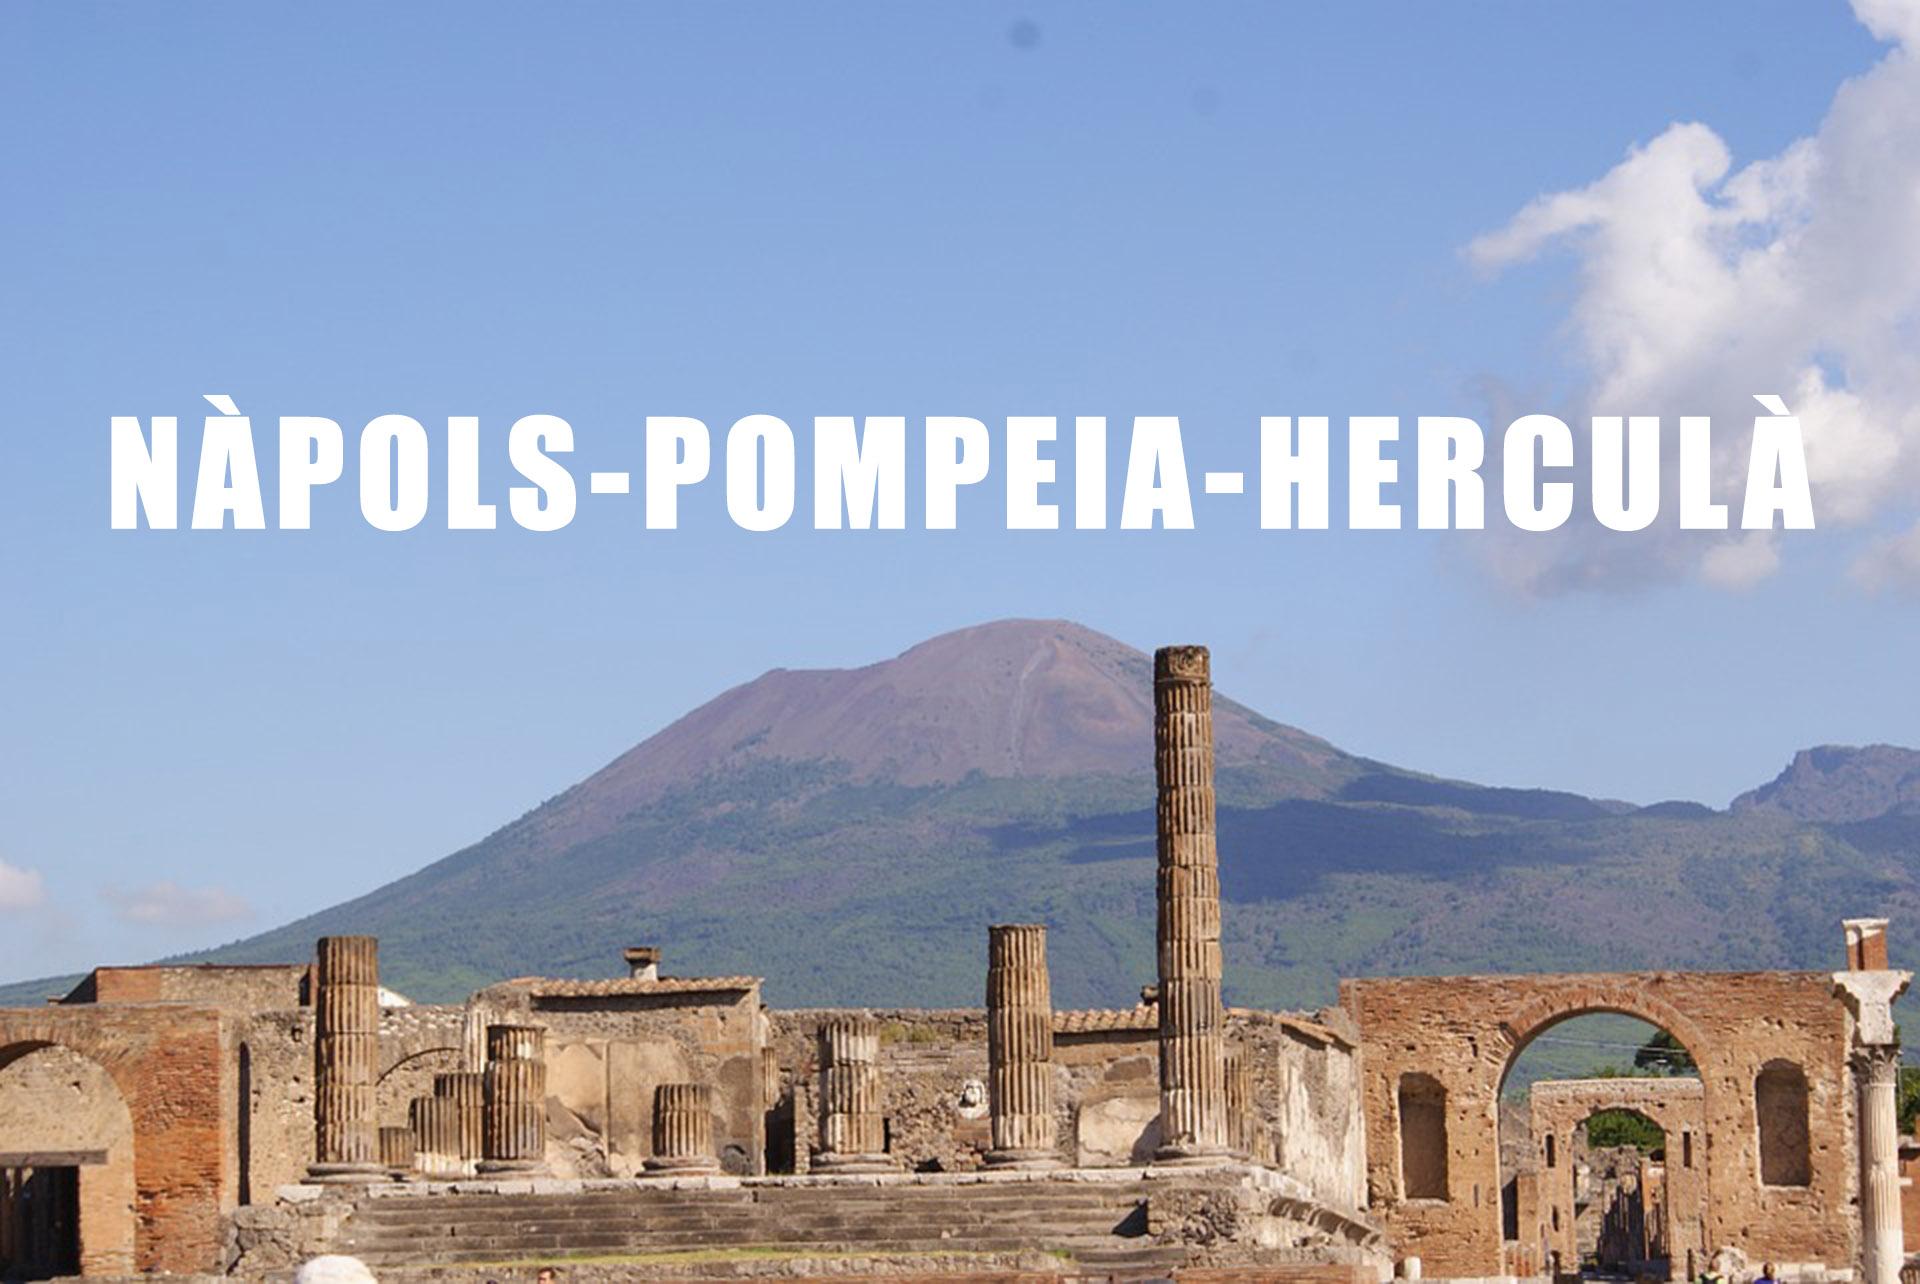 VIATGE A NÀPOLS, POMPEIA I HERCULÀ